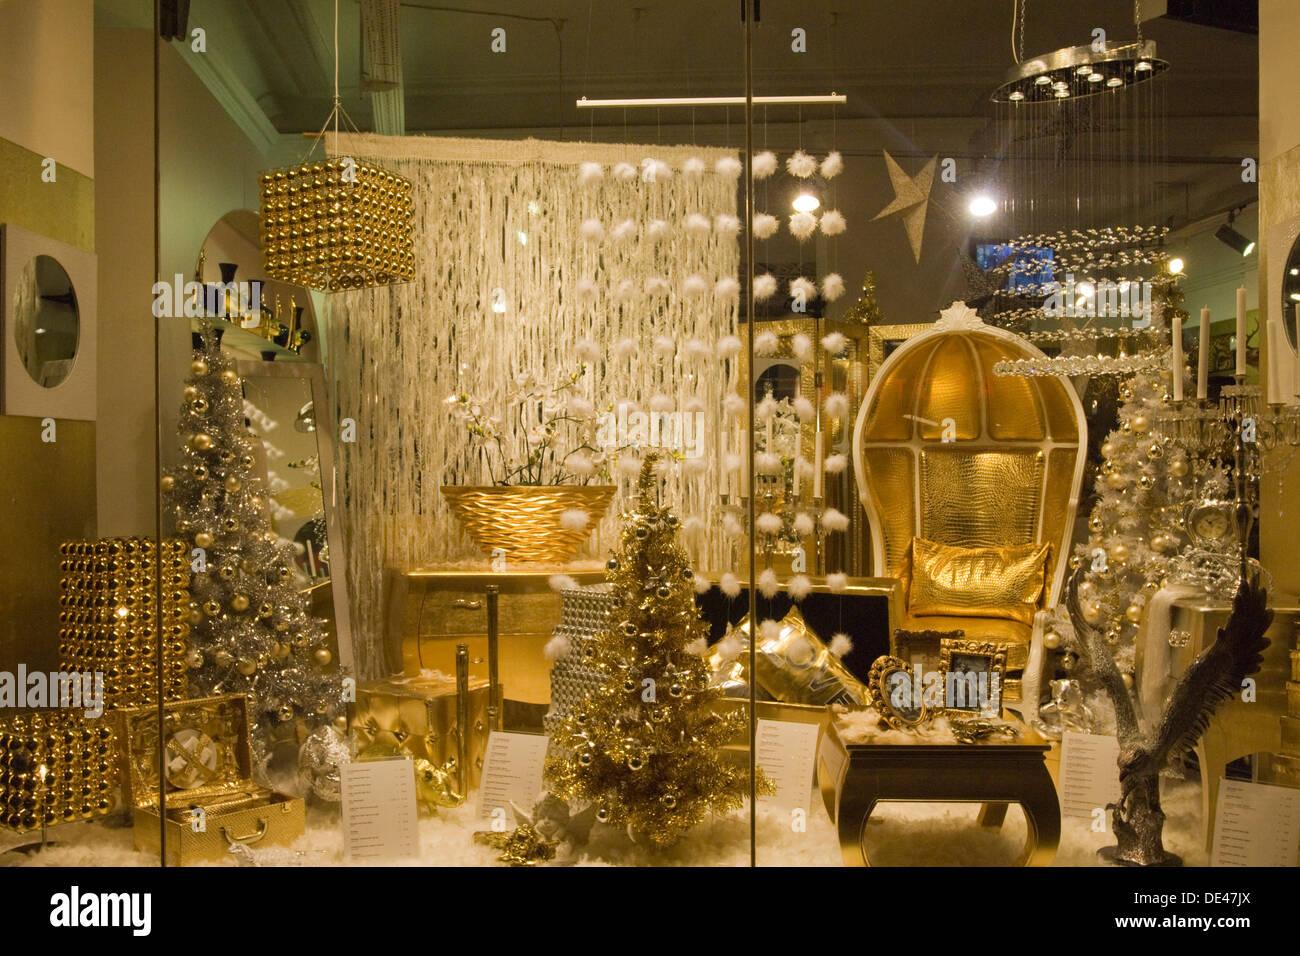 Österreich, Wien 7, Mariahilferstrasse, weihnachtlich dekoriertes Schaufenster. Stock Photo